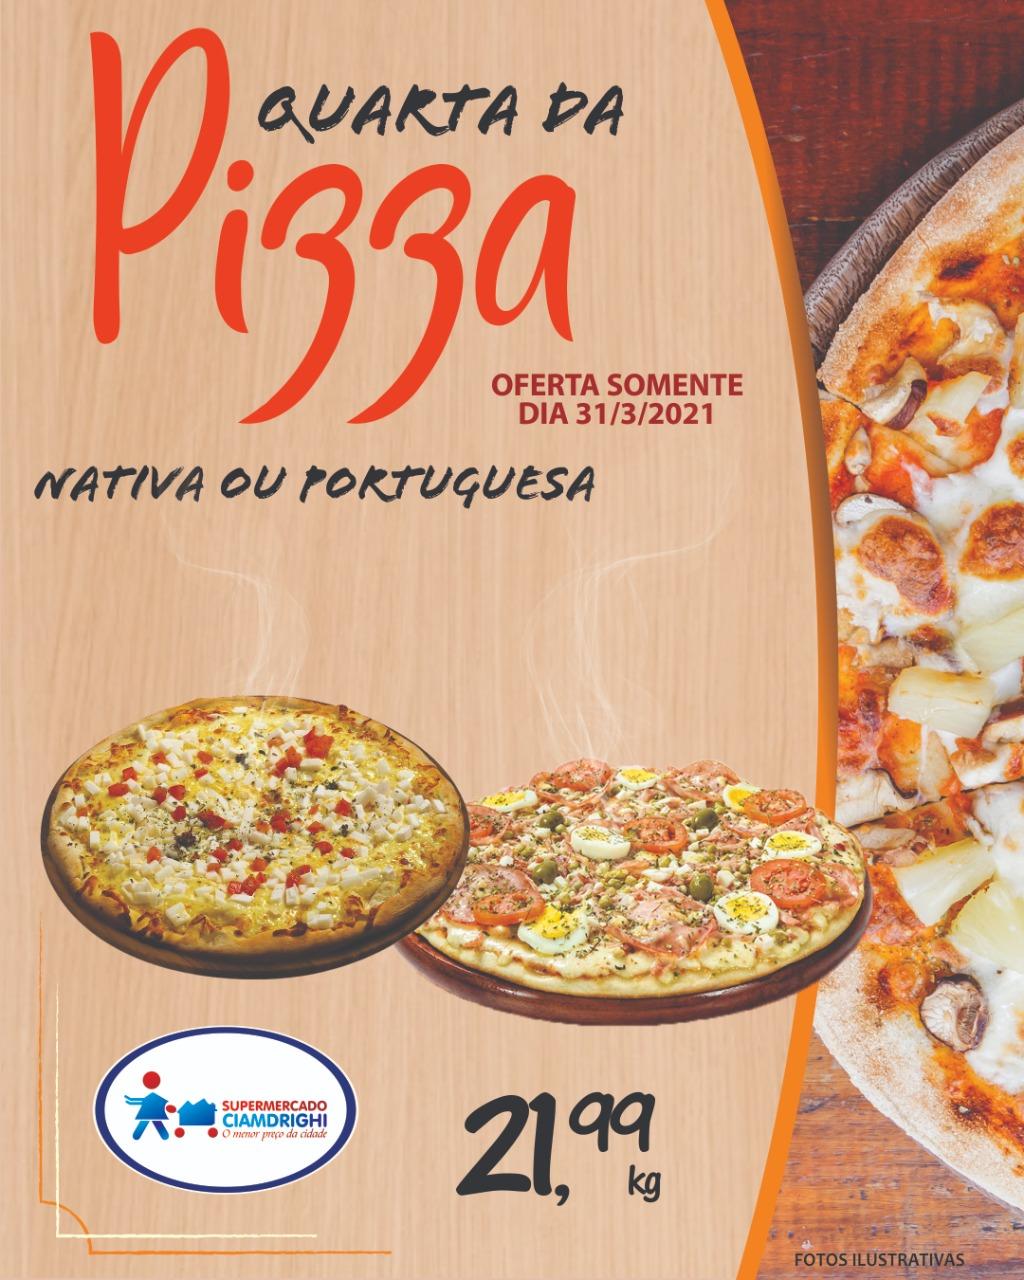 Ciamdrighi tem ofertas em pizzas e hortifrútis para hoje